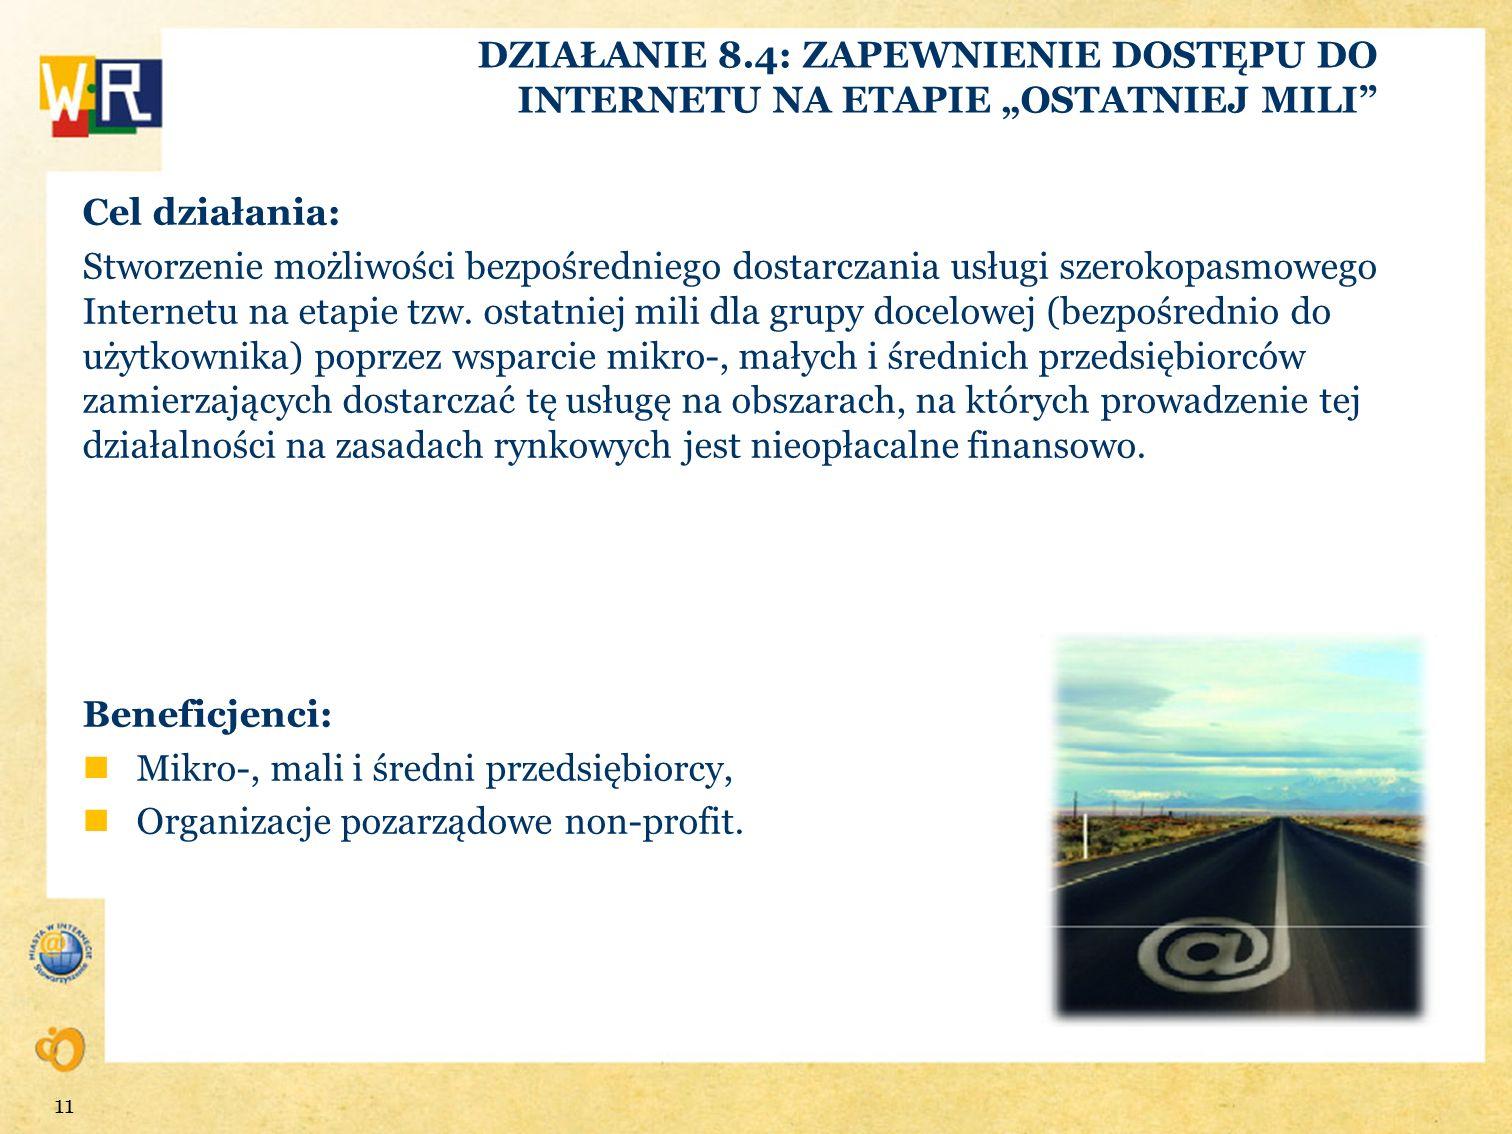 """DZIAŁANIE 8.4: ZAPEWNIENIE DOSTĘPU DO INTERNETU NA ETAPIE """"OSTATNIEJ MILI"""